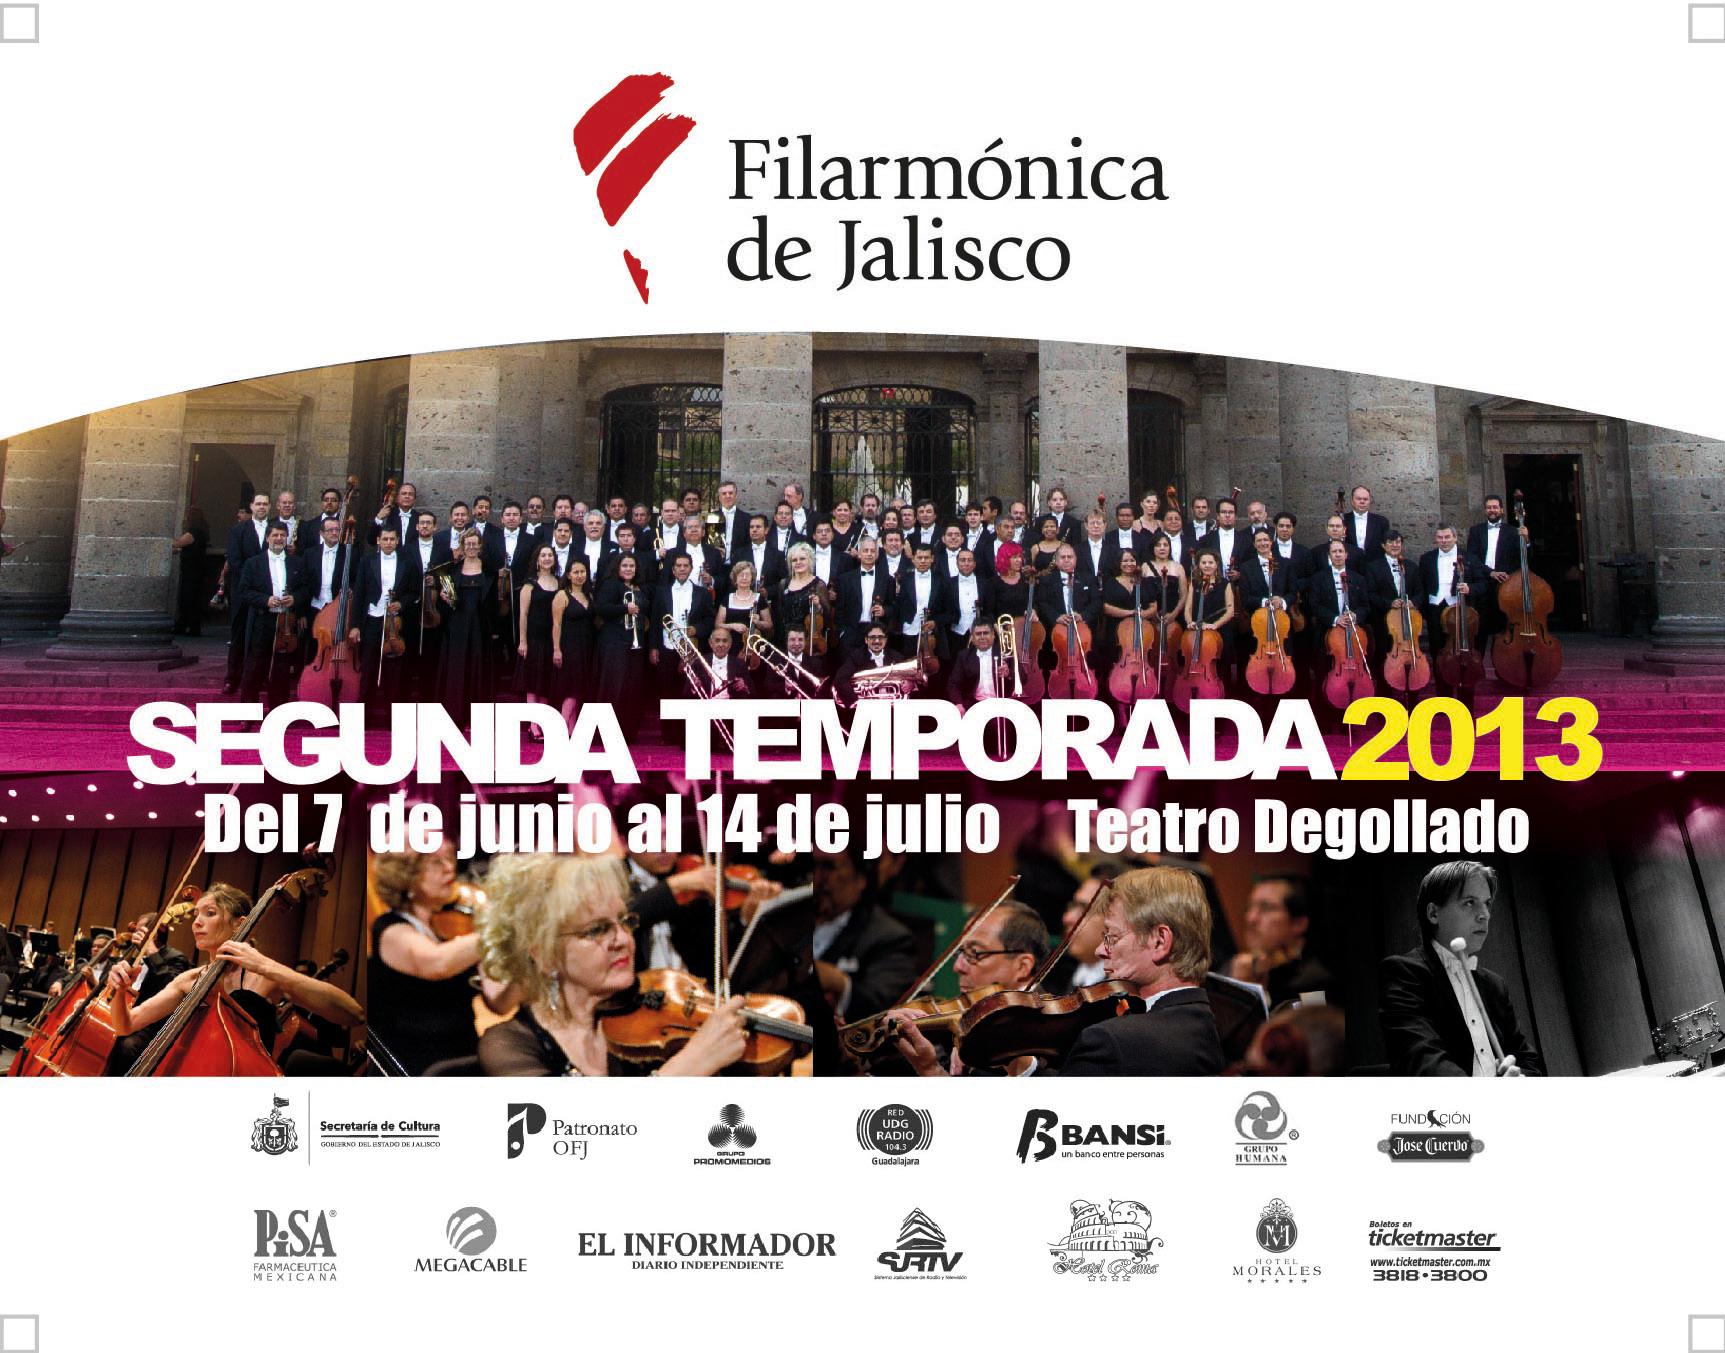 II Temporada 2013 de la Orquesta Filarmónica de Jalisco